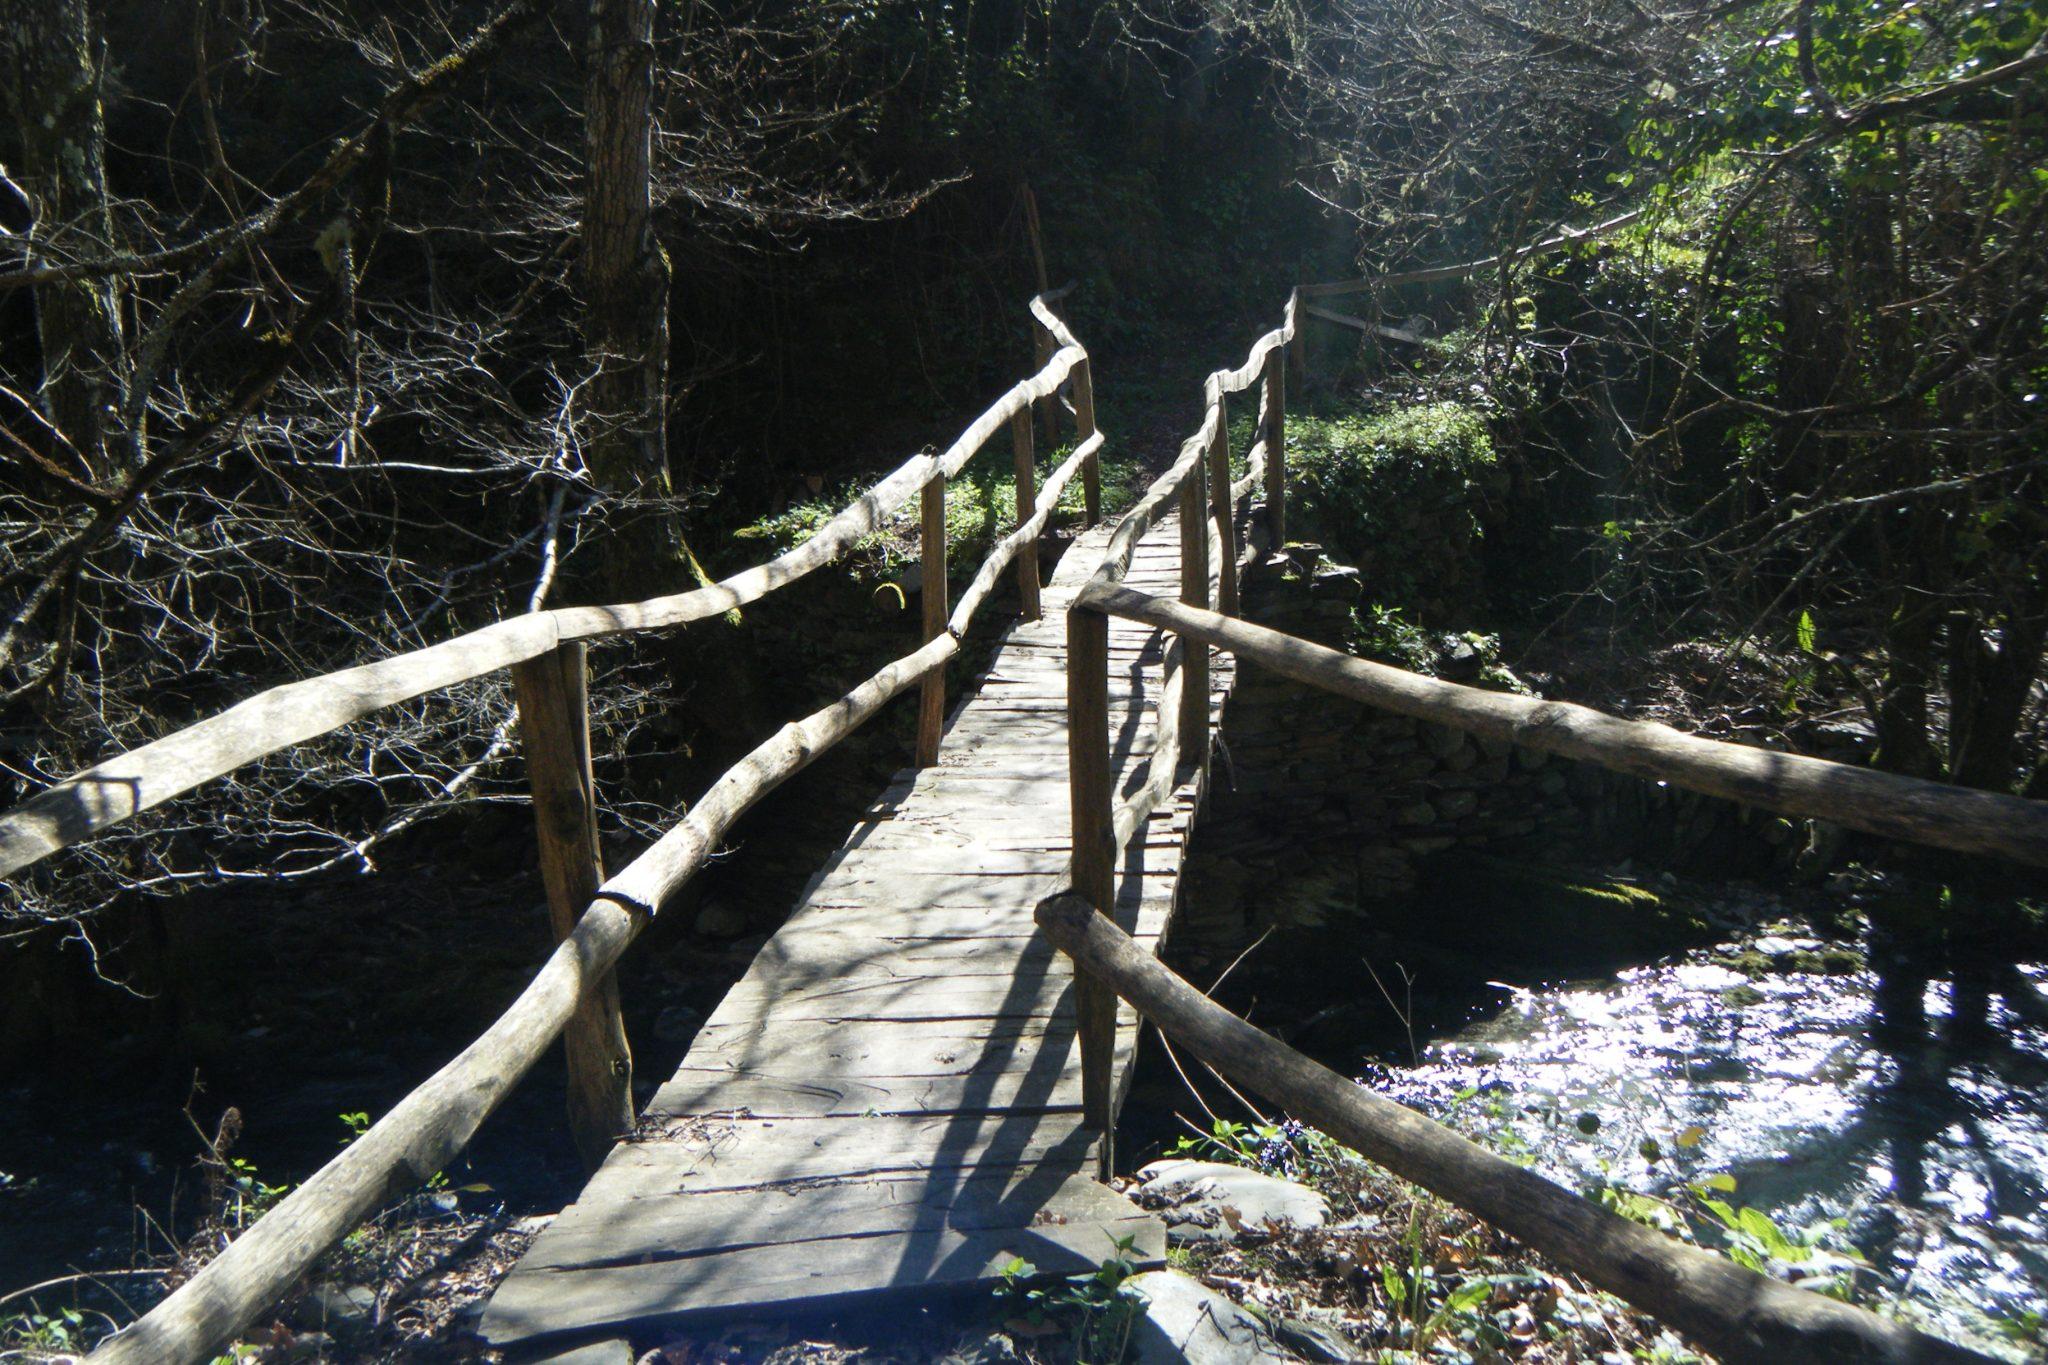 Camino do Ferradal